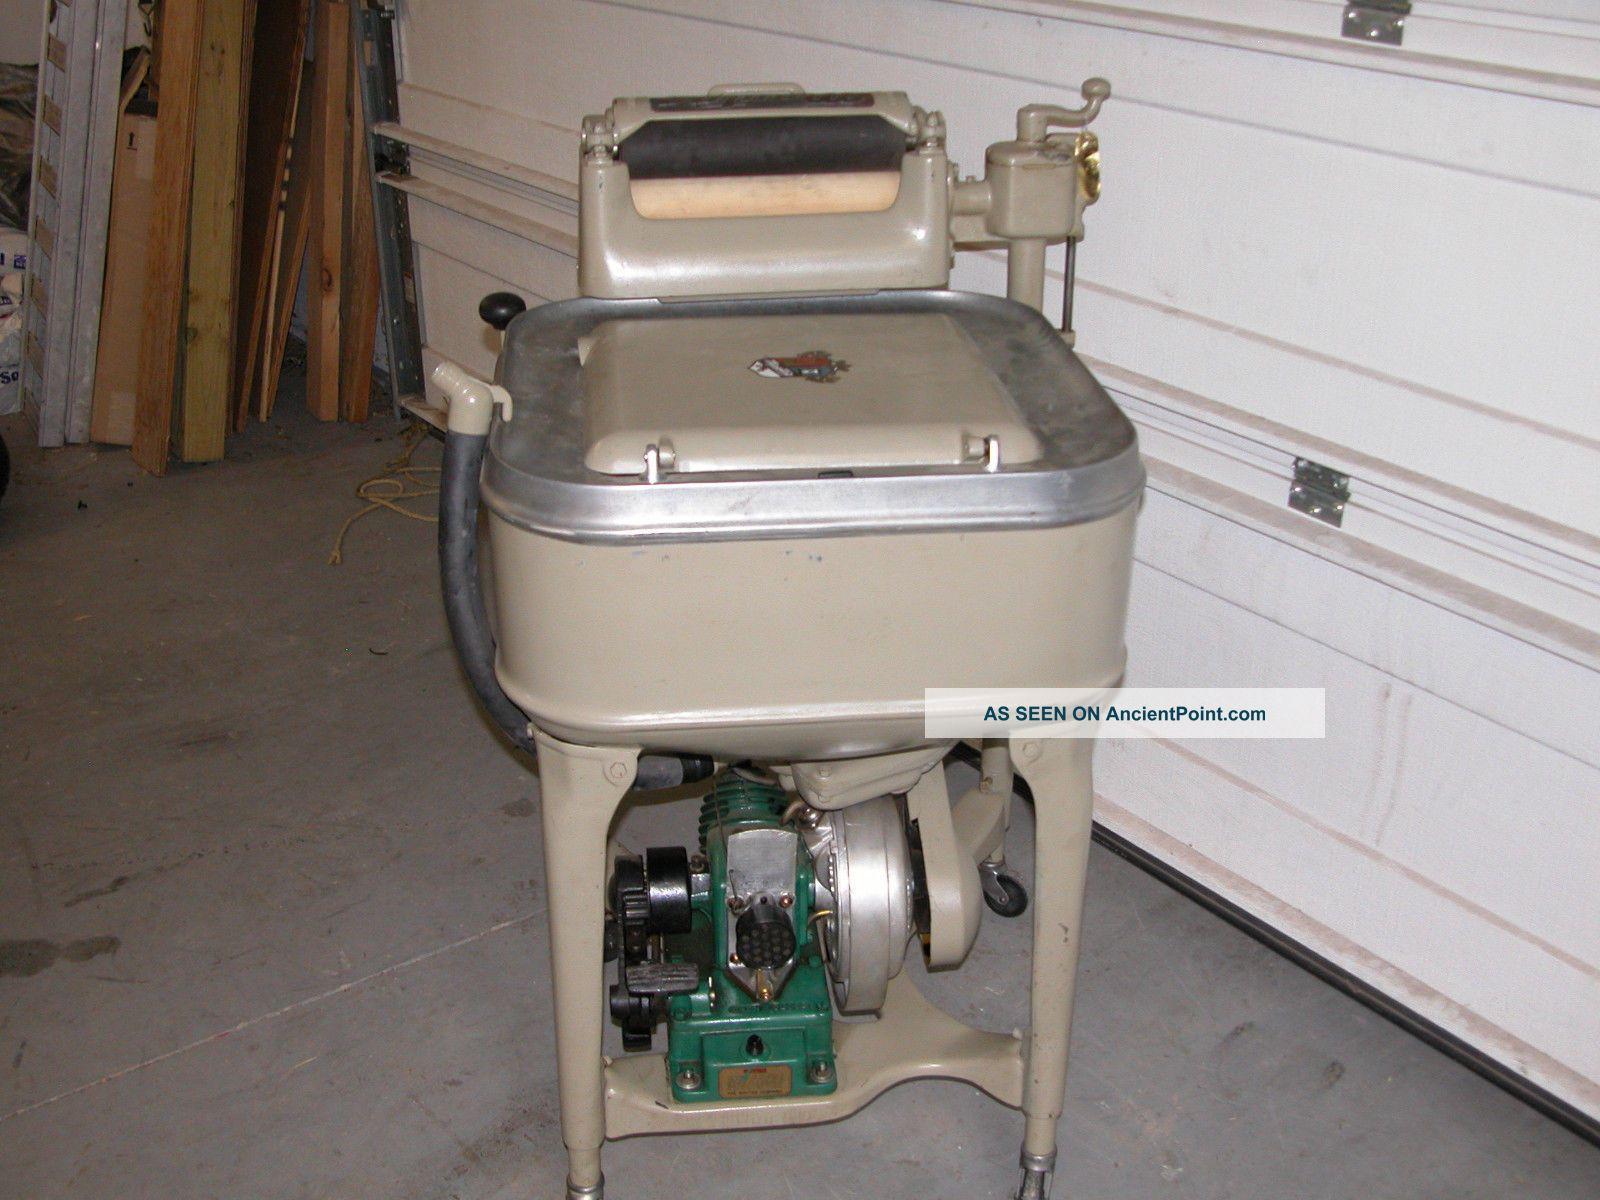 1934 Maytag Gas Engine Wringer Washing Machine Model 31 Square Tub Great Washing Machines photo